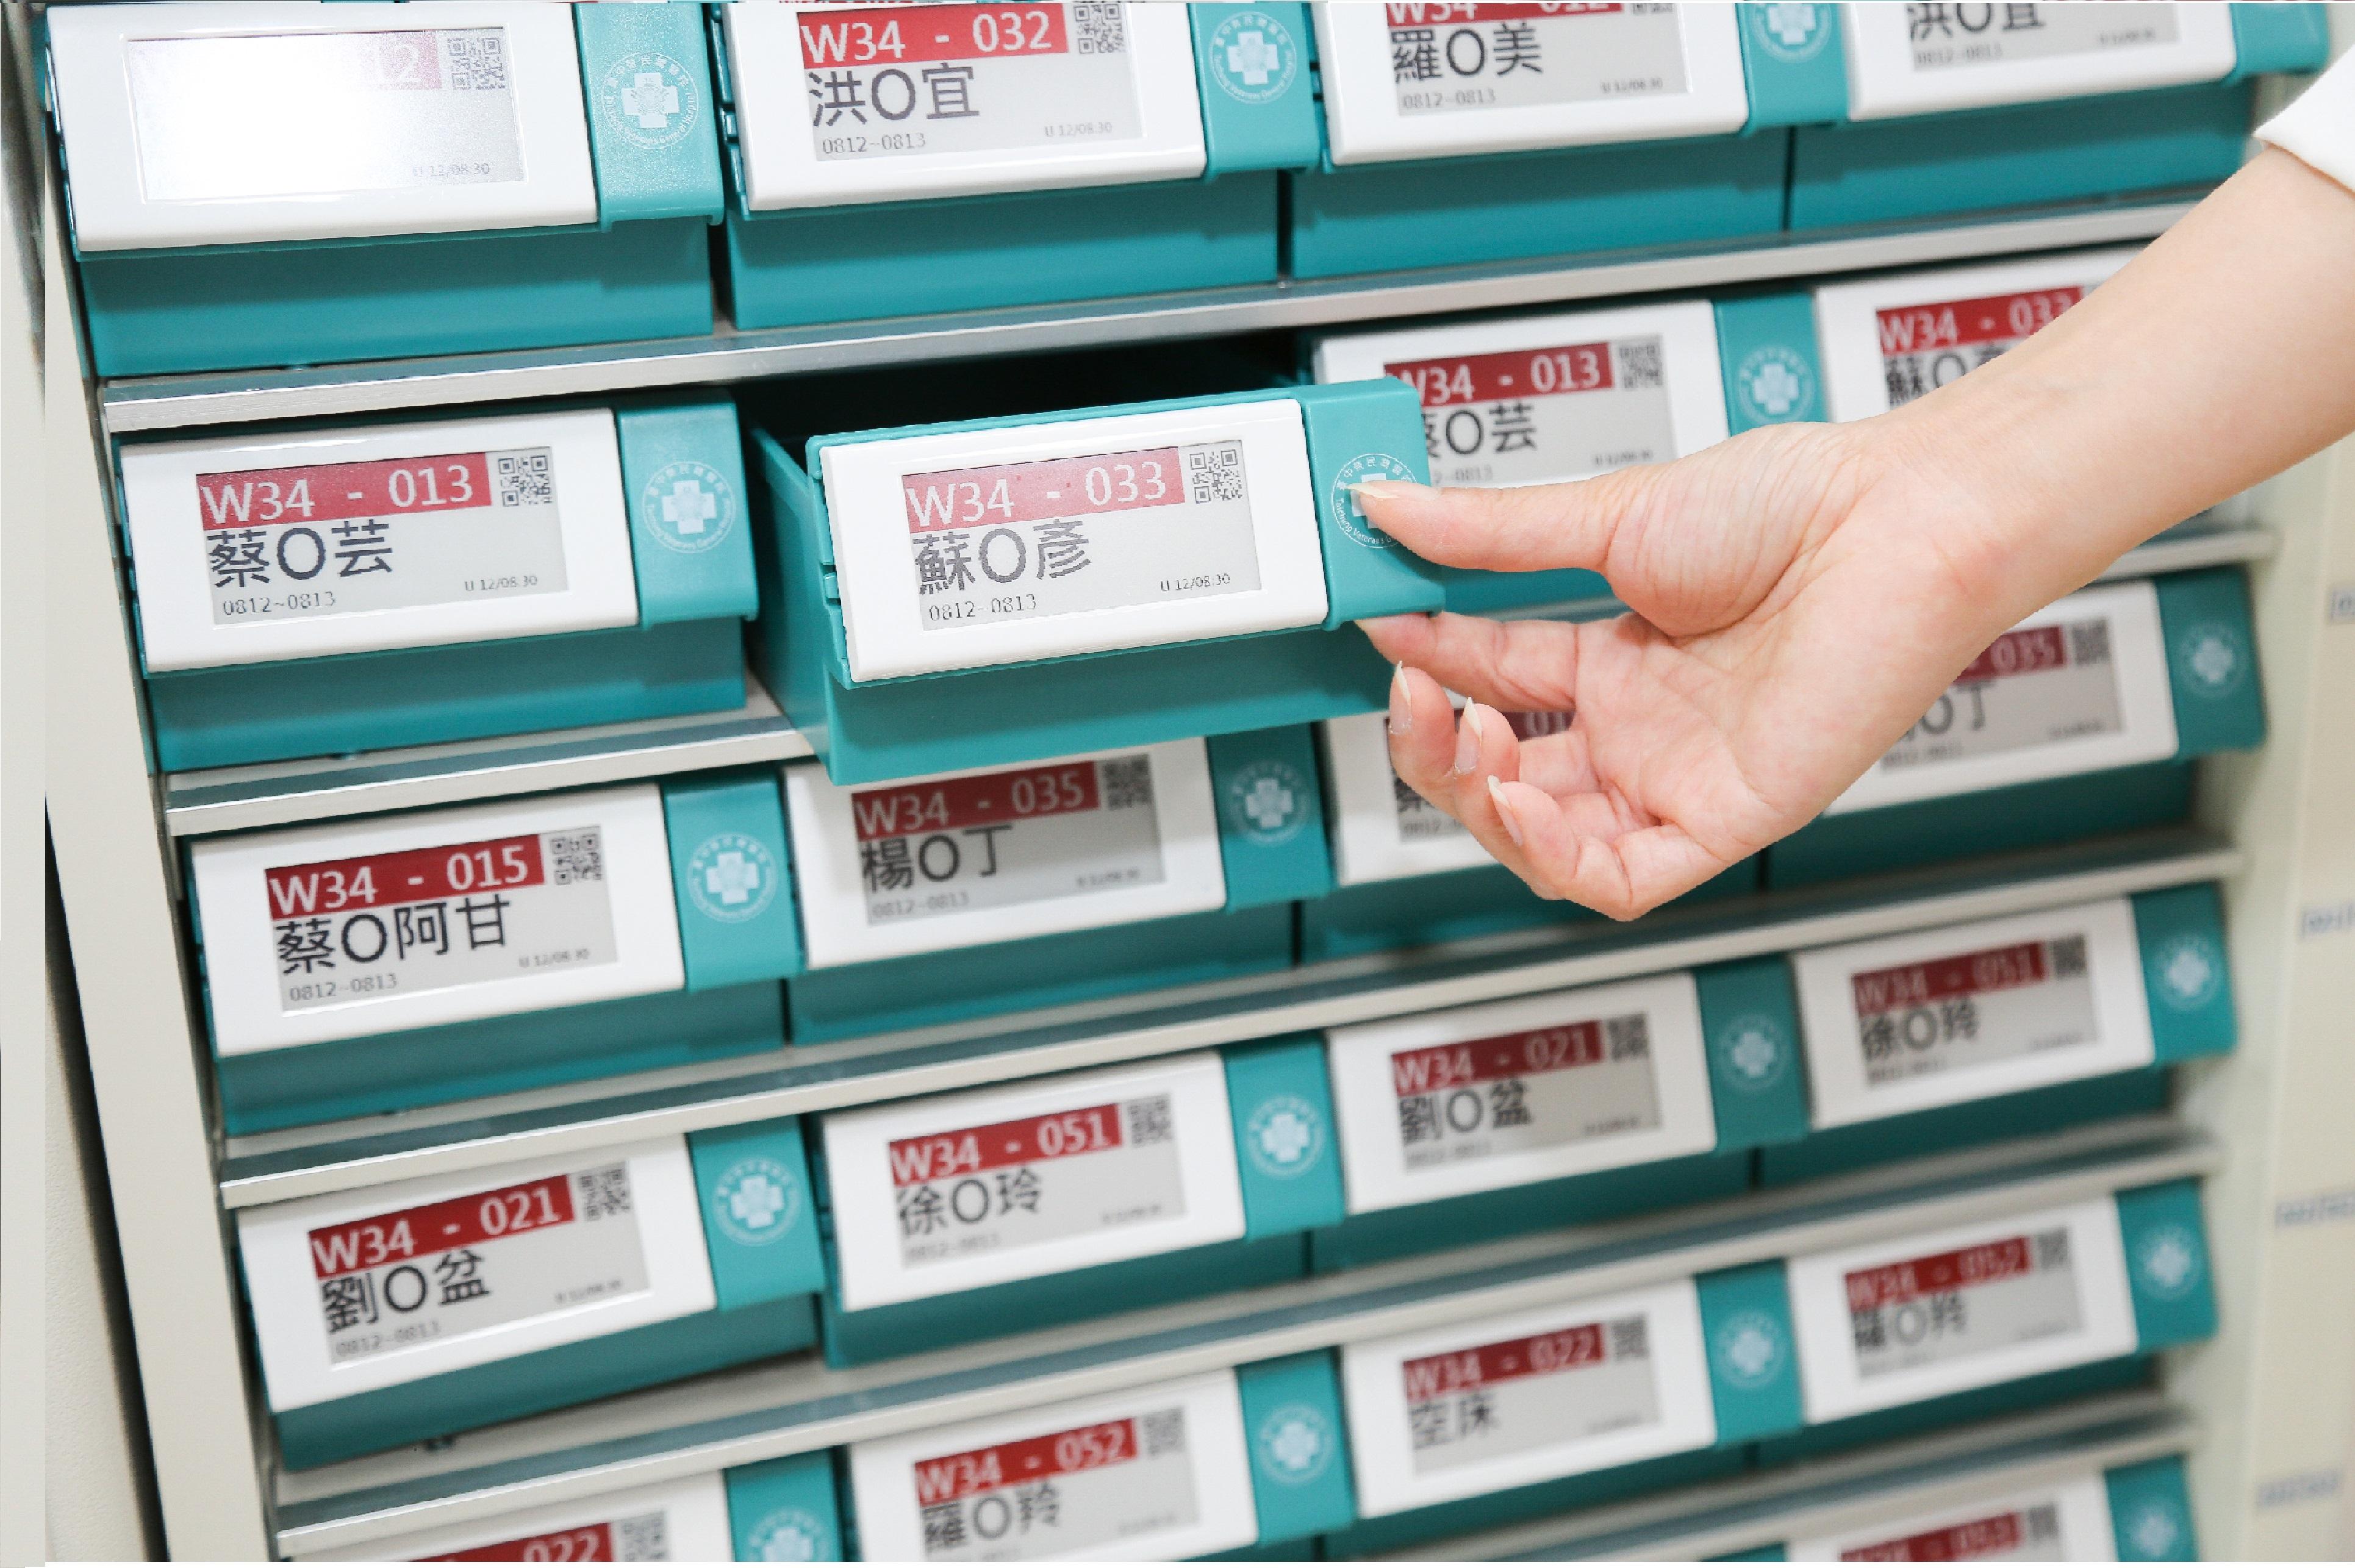 電子紙藥盒及配藥車-2